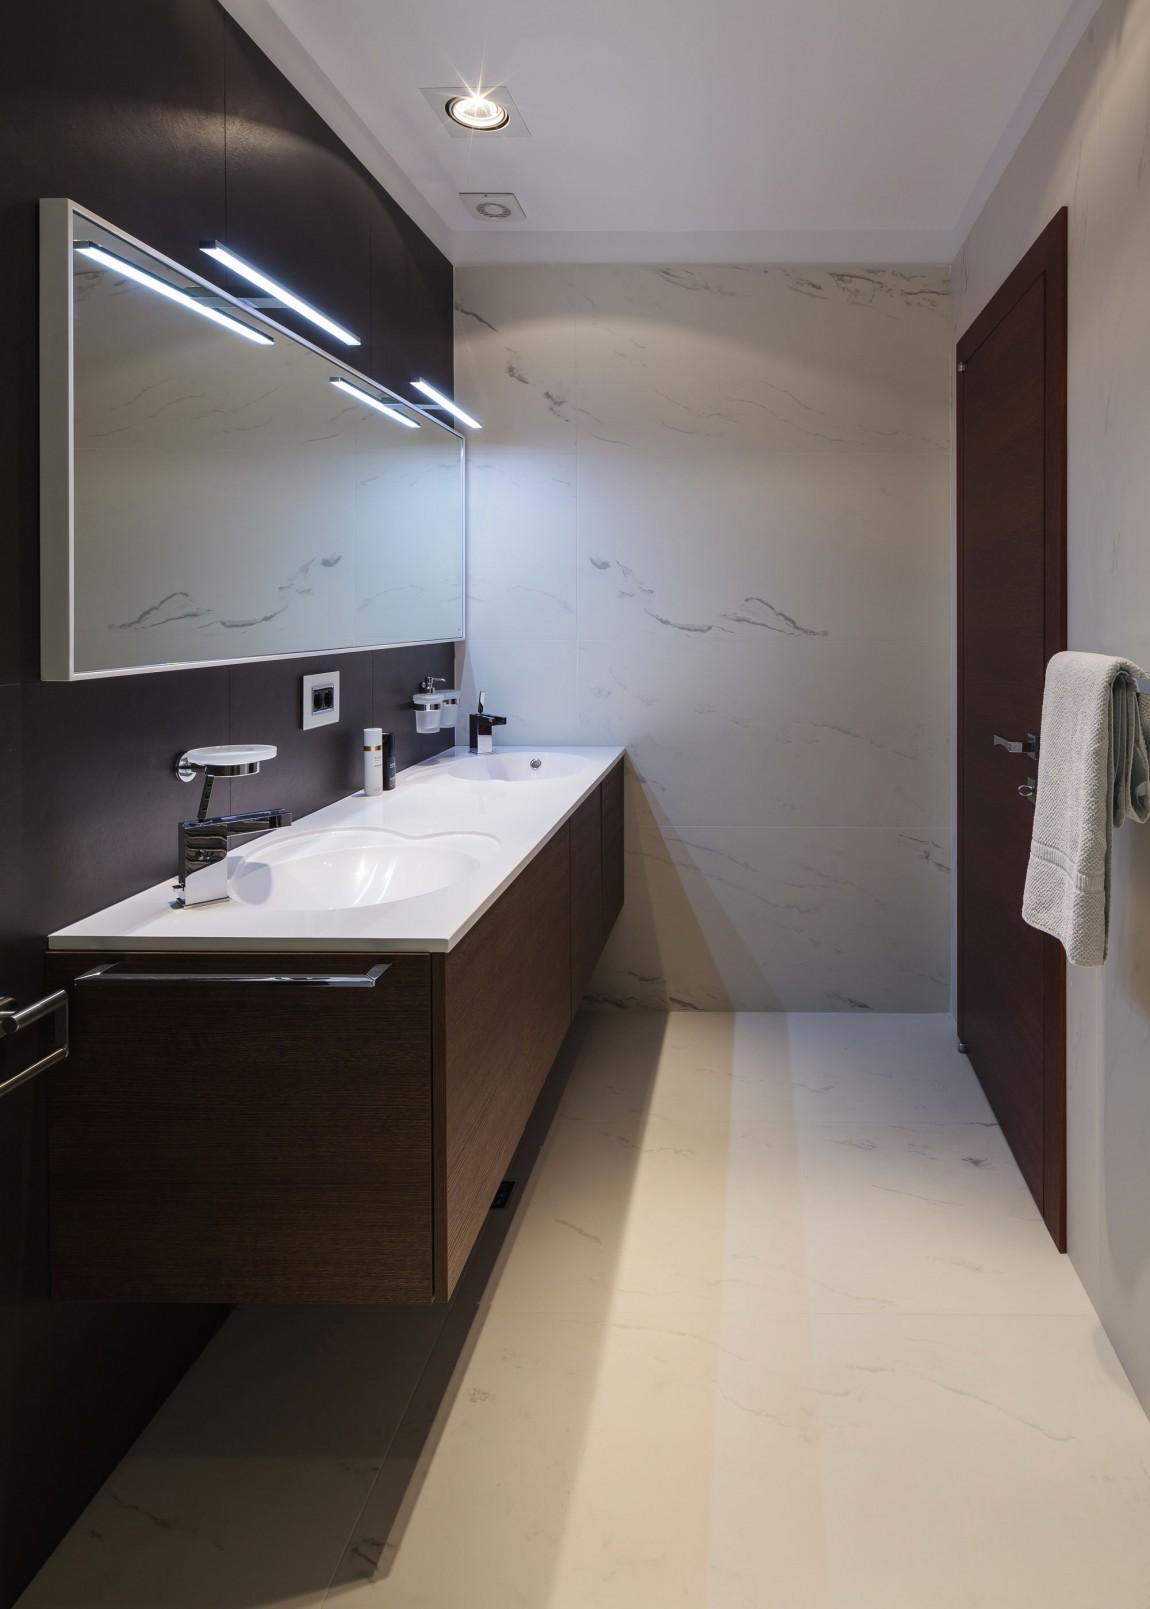 Двухэтажный пентхаус с изысканным интерьером фото 13